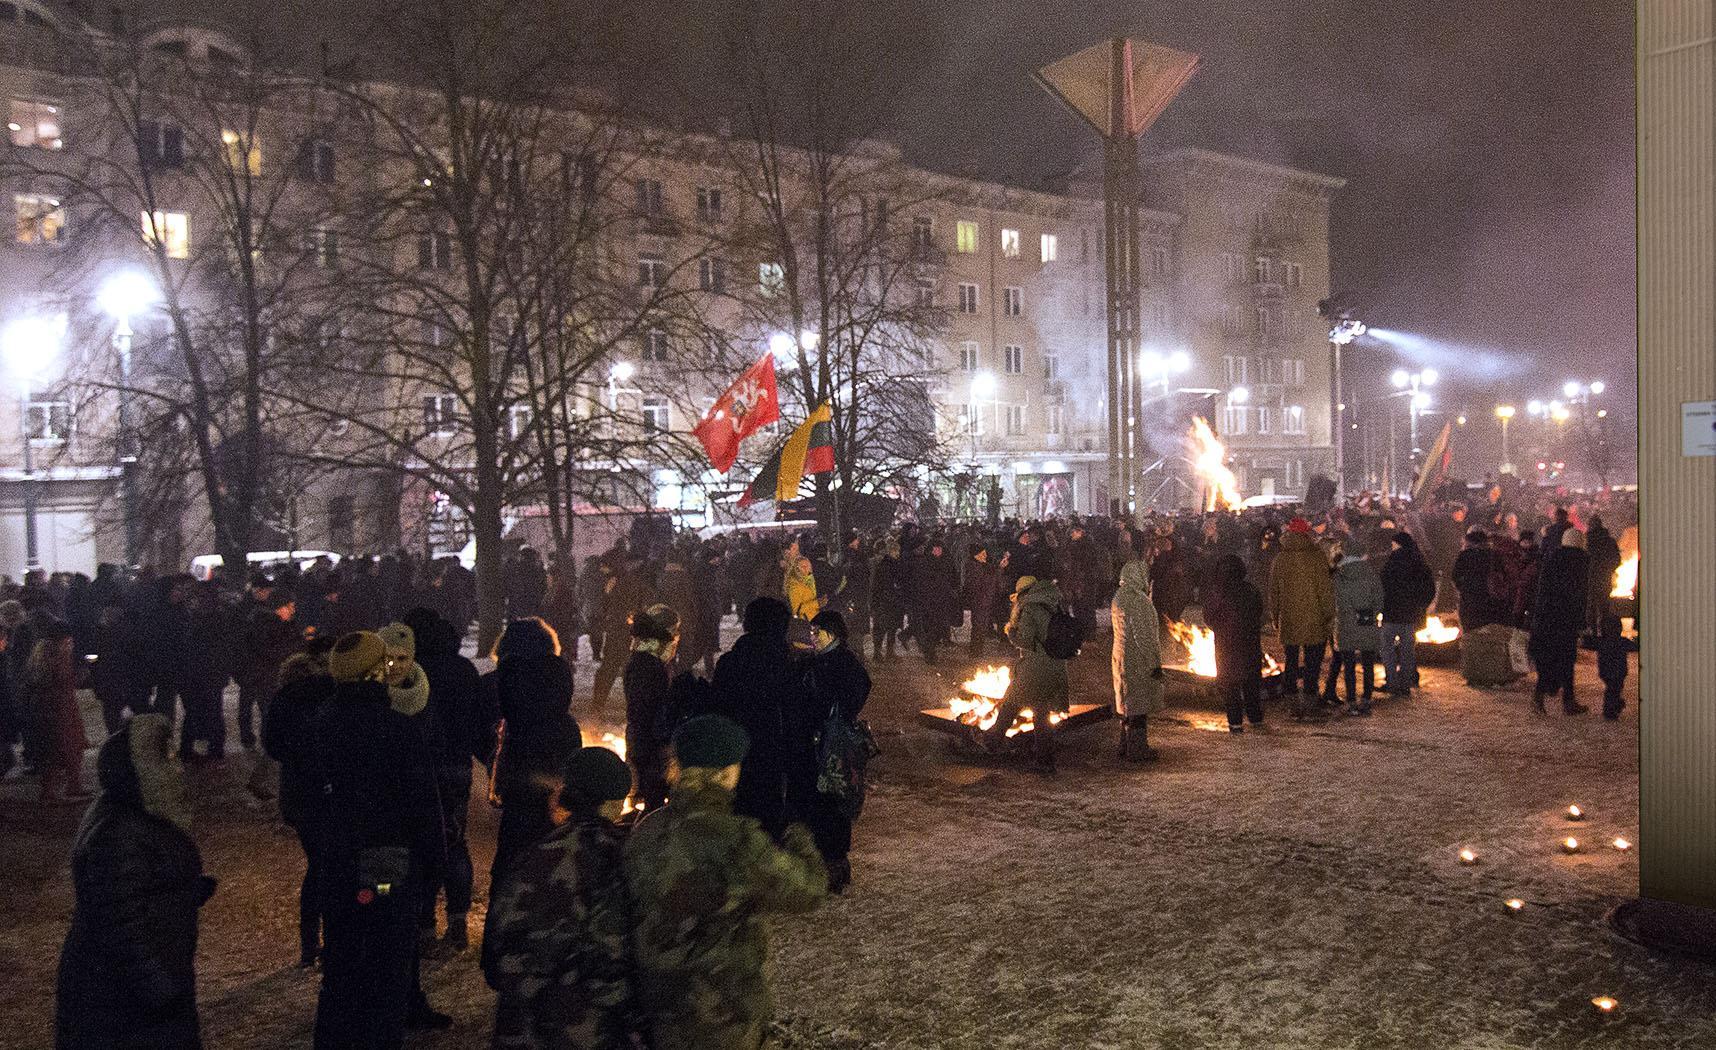 ❶День защитников свободы в литве|Сценарий мероприятия к 23 февраля в библиотеке|||}